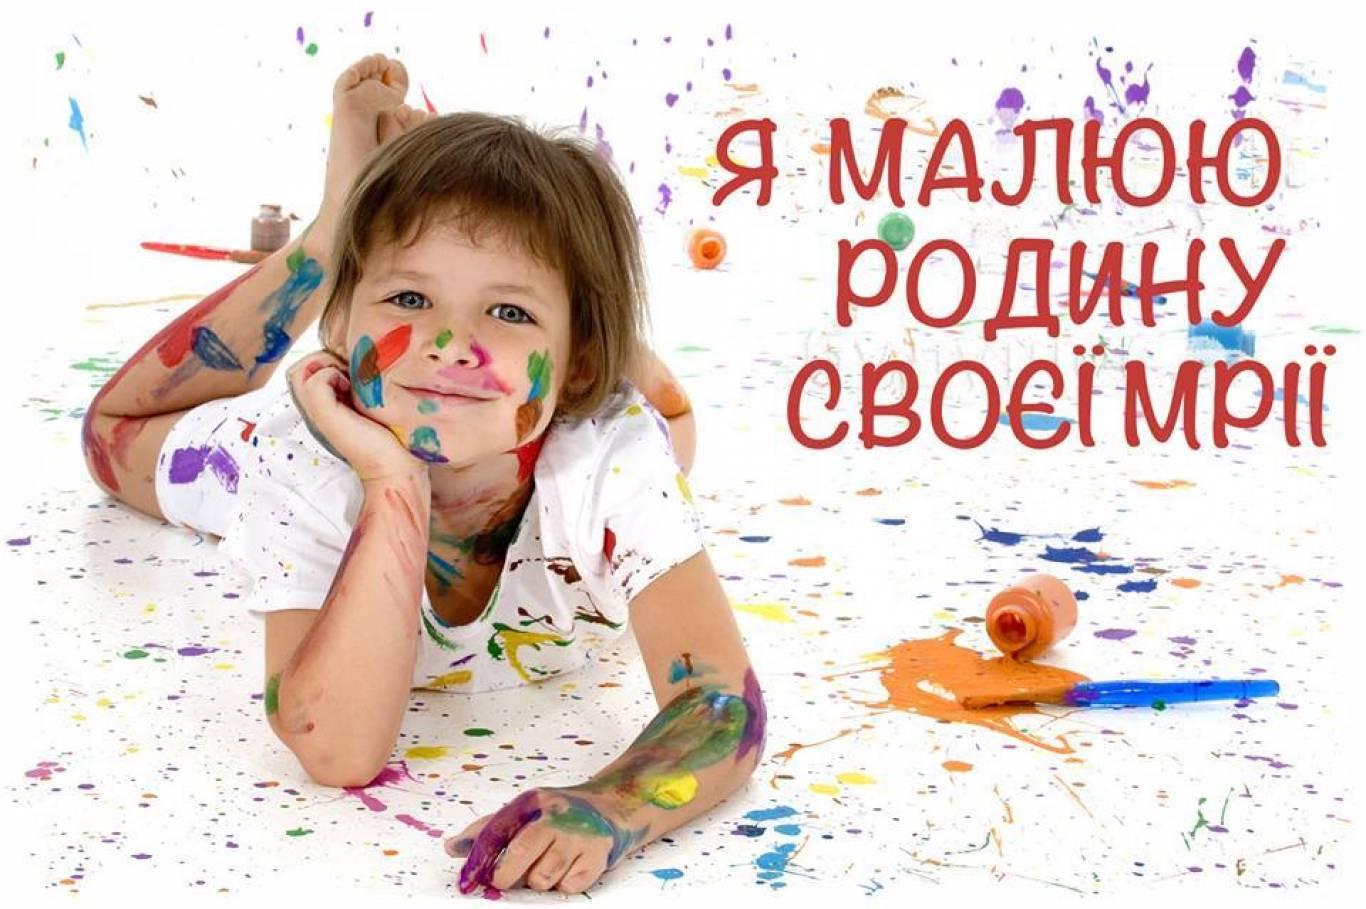 """Поштова площа: флешмоб-розмальовка """"Я малюю родину своєї мрії"""""""